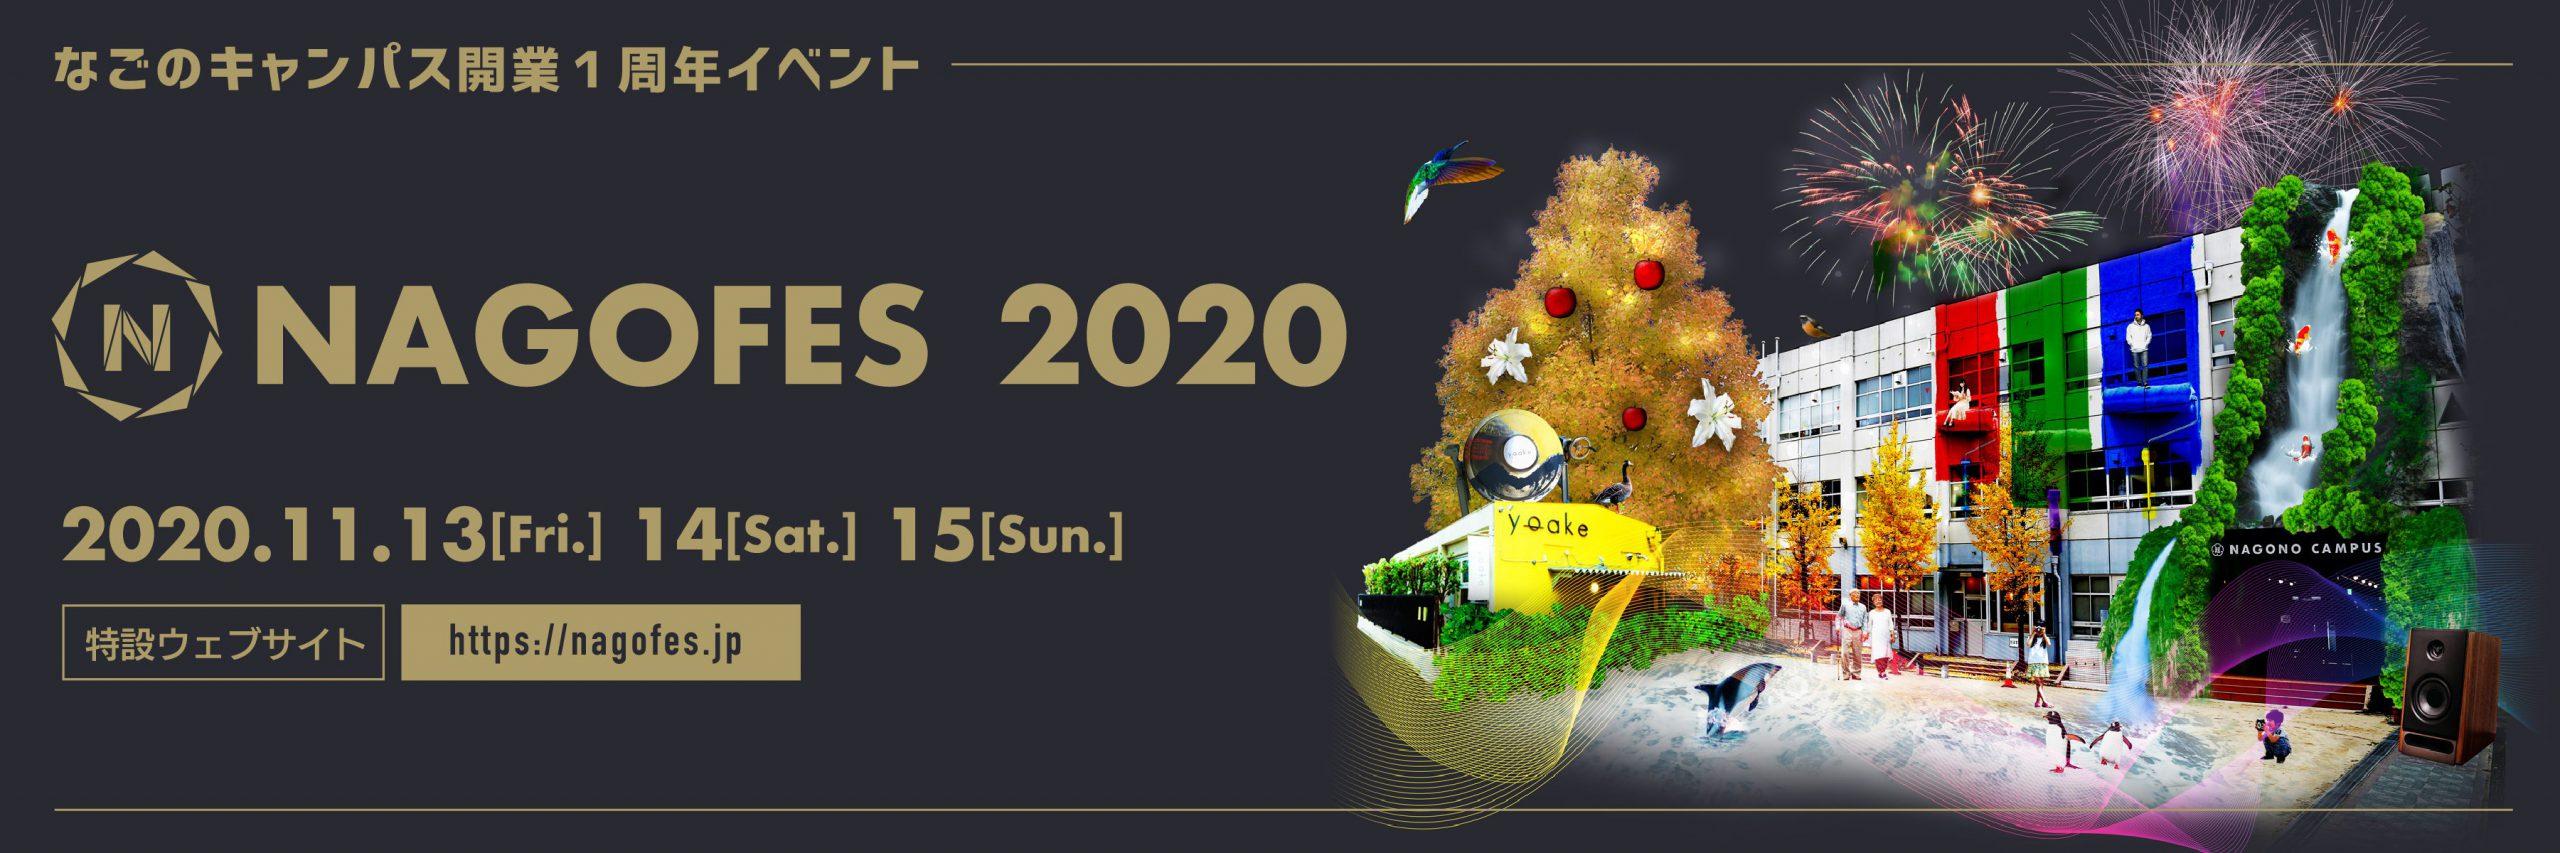 なごのキャンパス開業1周年イベント「NAGOFES 2020」特設ウェブサイトはこちら